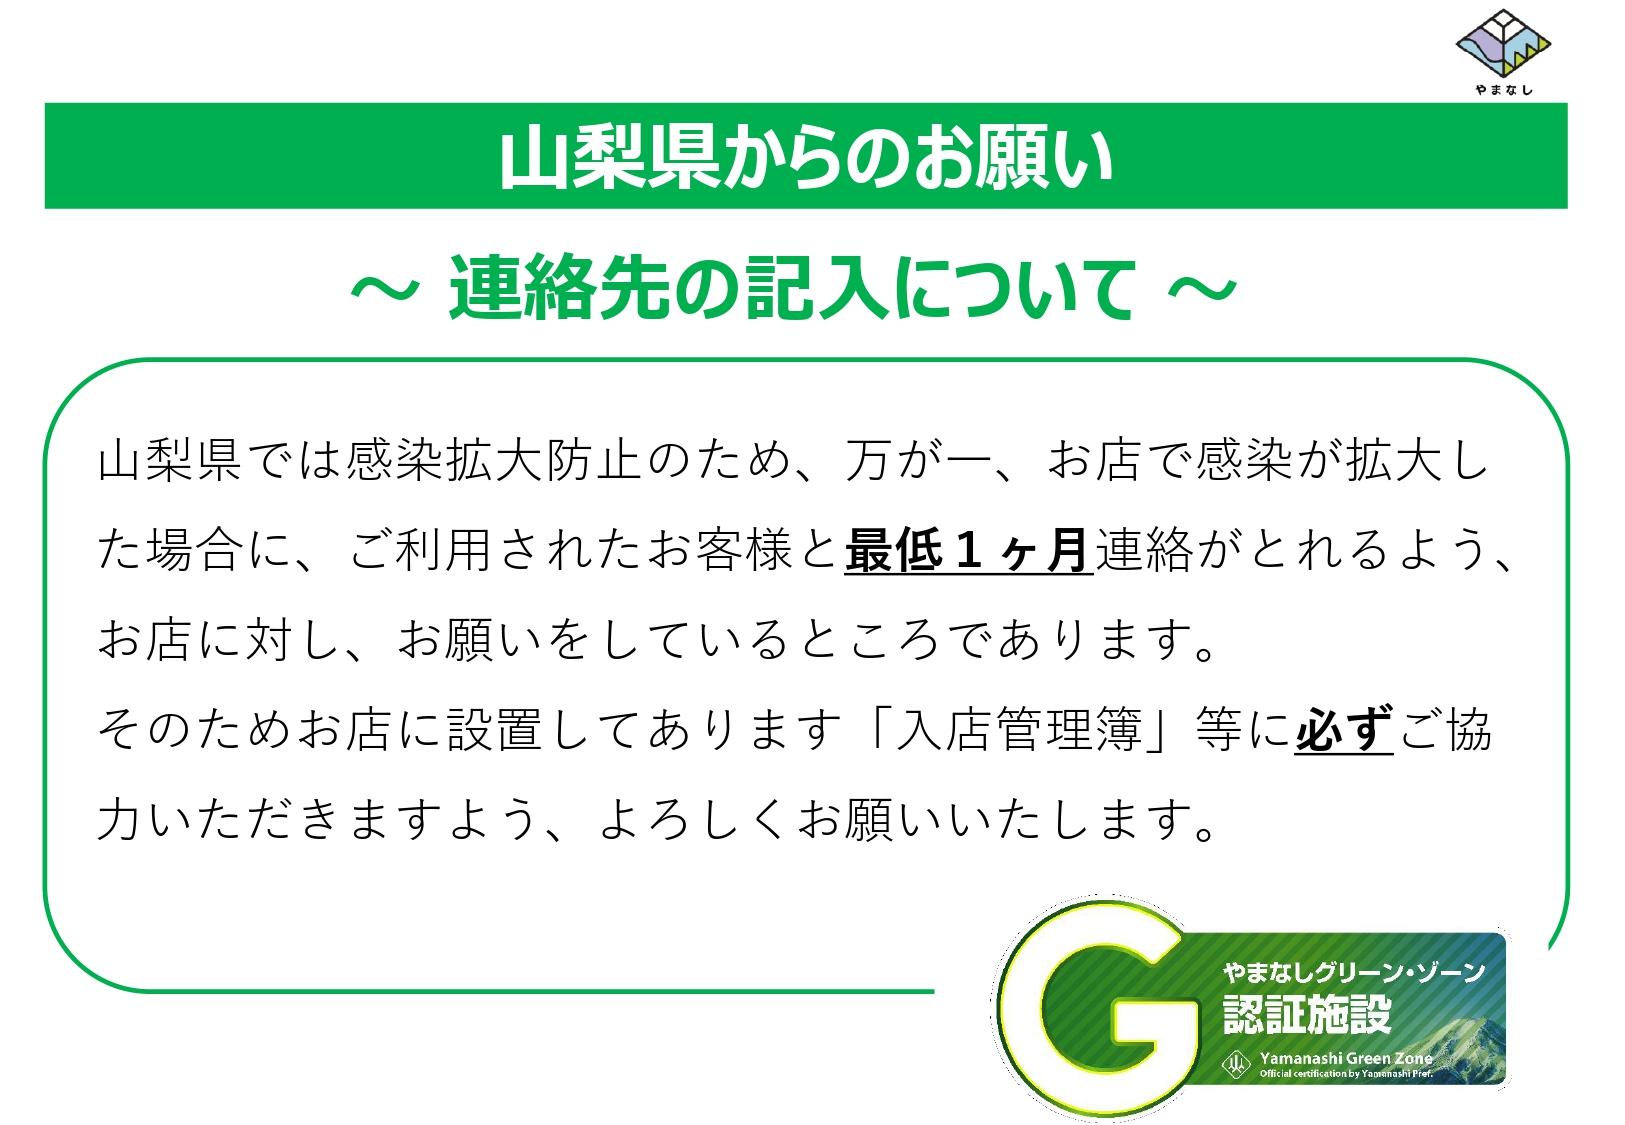 01_お客様への依頼について_page-0001.jpg